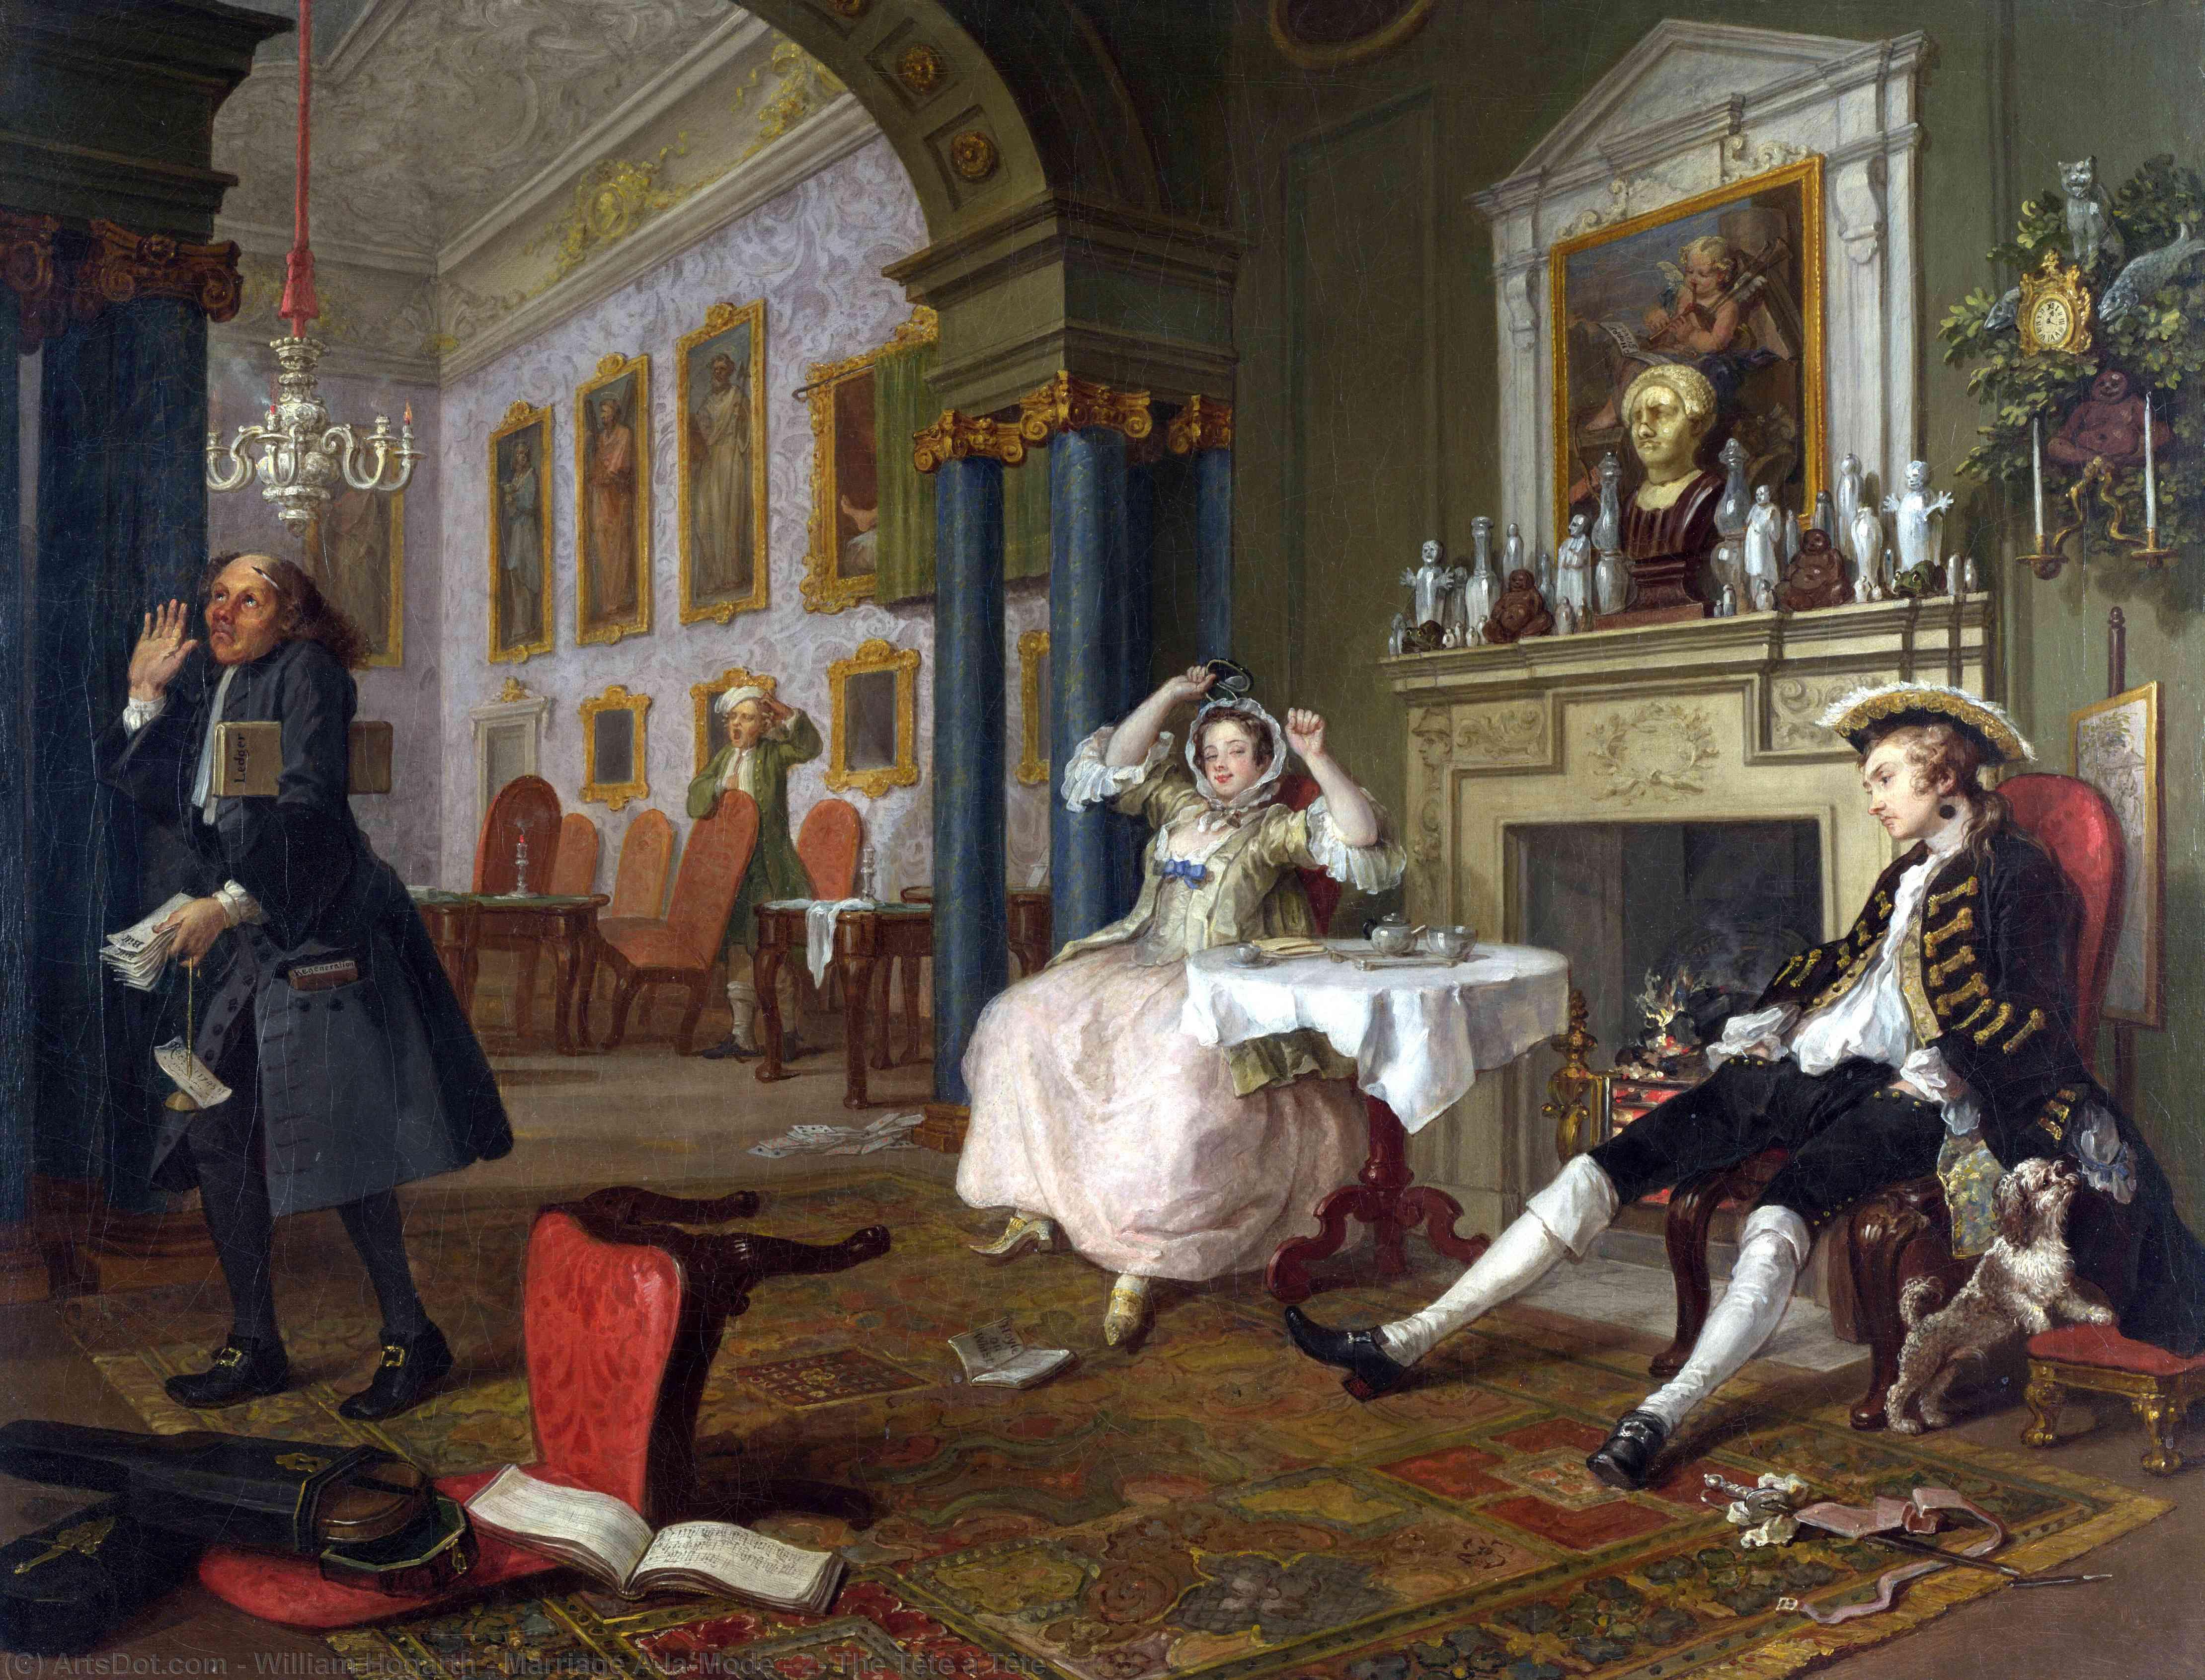 WikiOO.org - Enciklopedija dailės - Tapyba, meno kuriniai William Hogarth - Marriage A-la-Mode - 2, The Tête à Tête